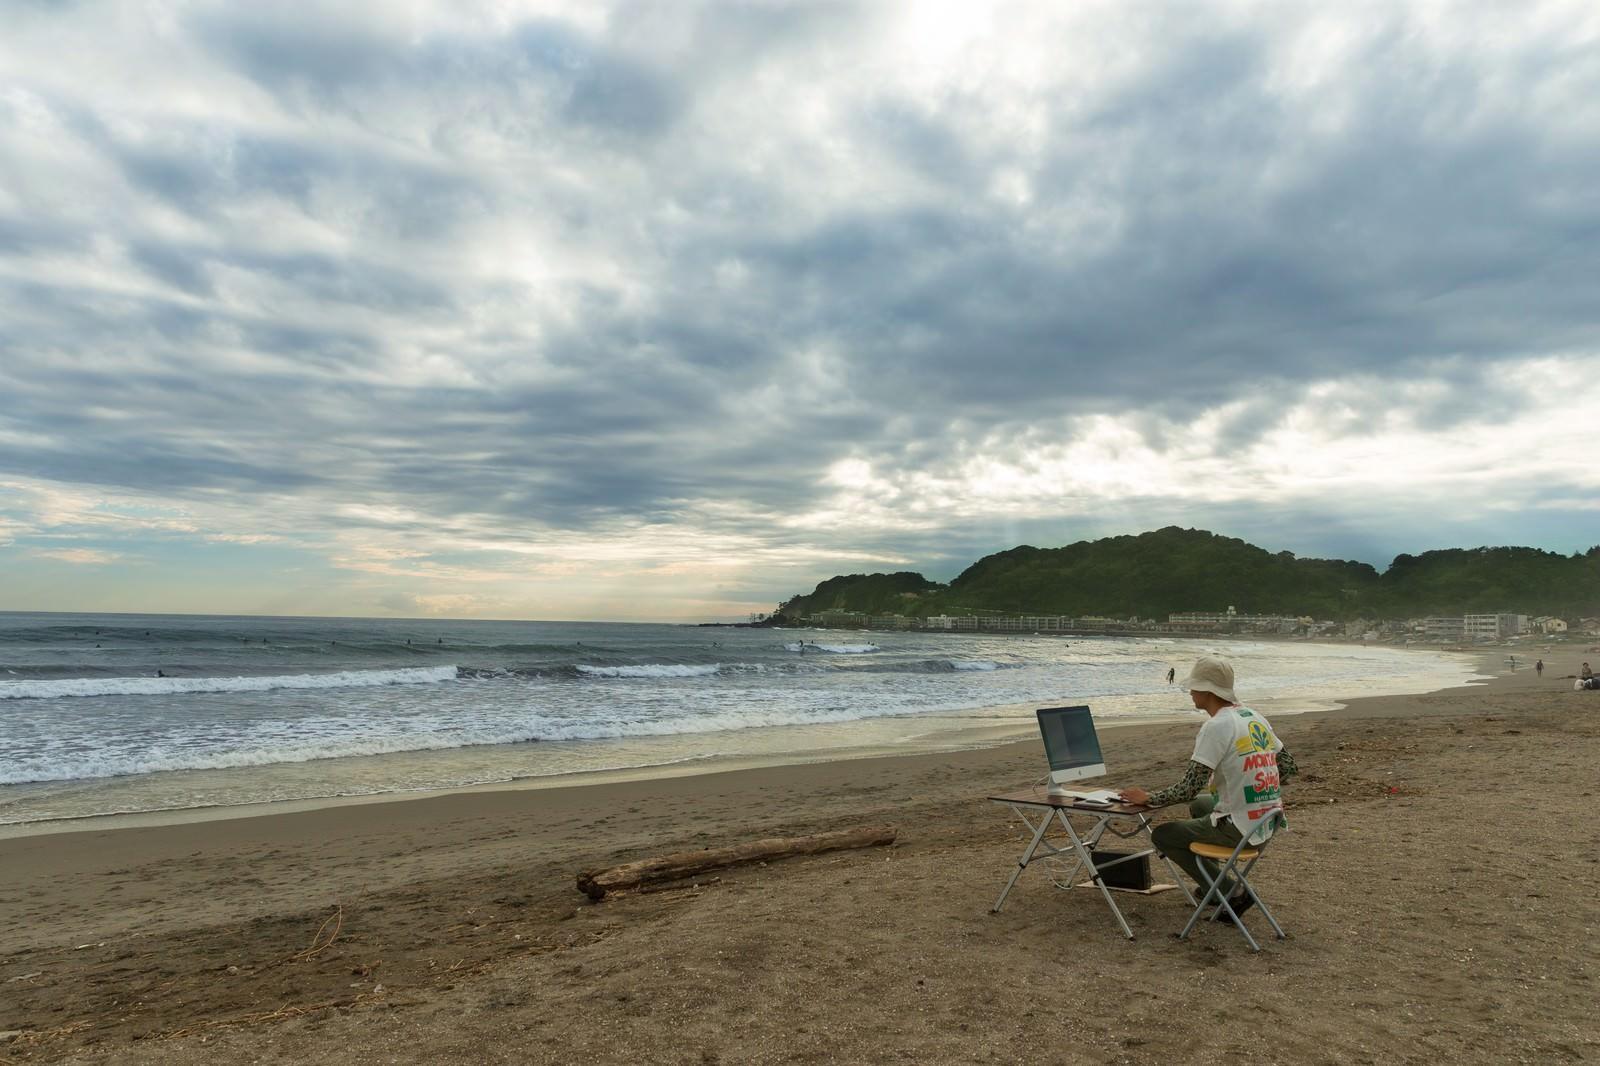 「徹夜しすぎて浜辺でコーディングしているかの幻覚をみているWebデザイナー」の写真